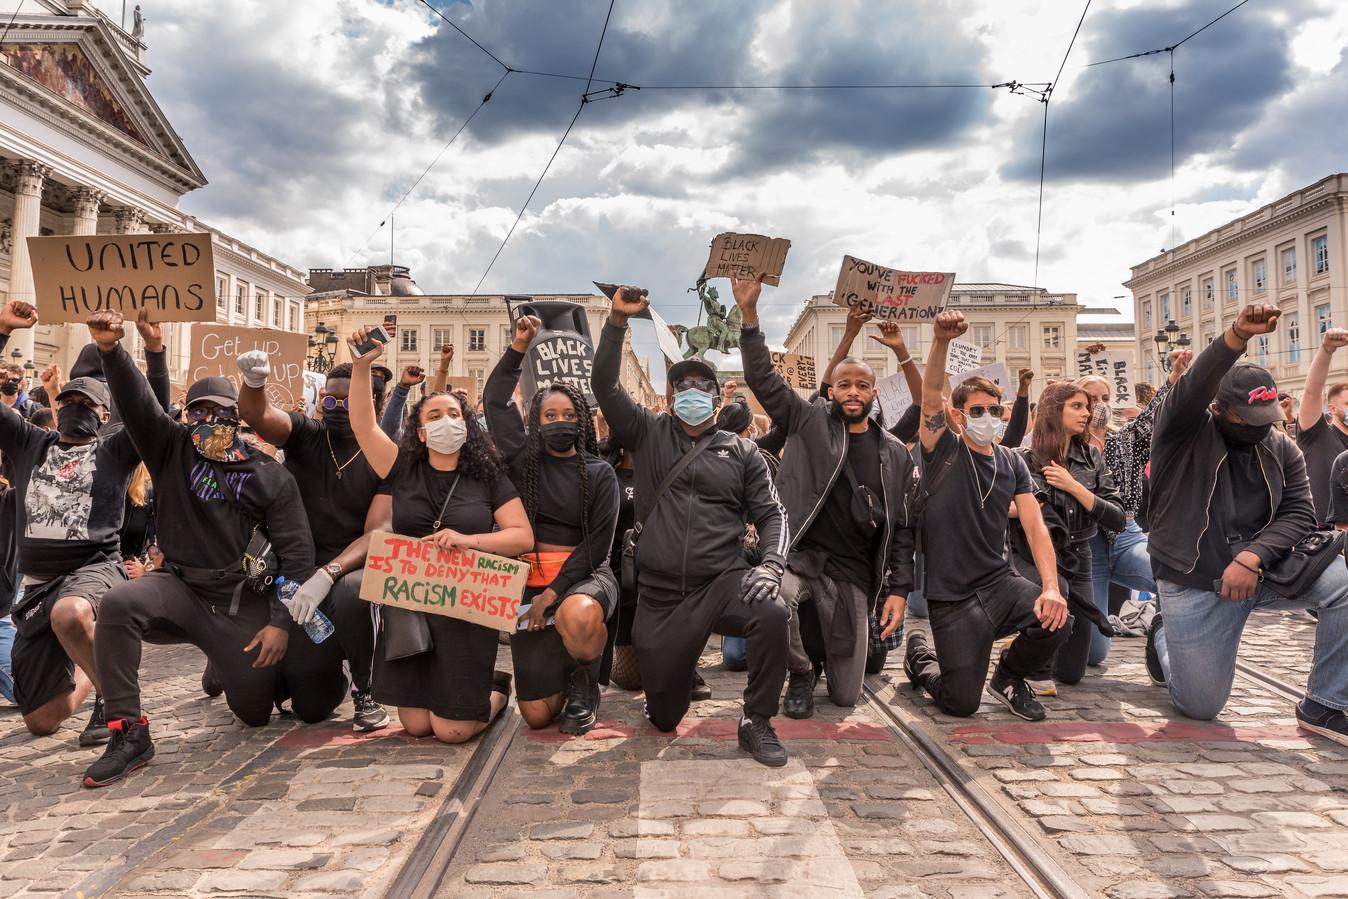 Vorig jaar kwamen duizenden mensen samen in Brussel voor een manifestatie van Black Lives Matter. Die kwam er in de nasleep van de moord op George Floyd.